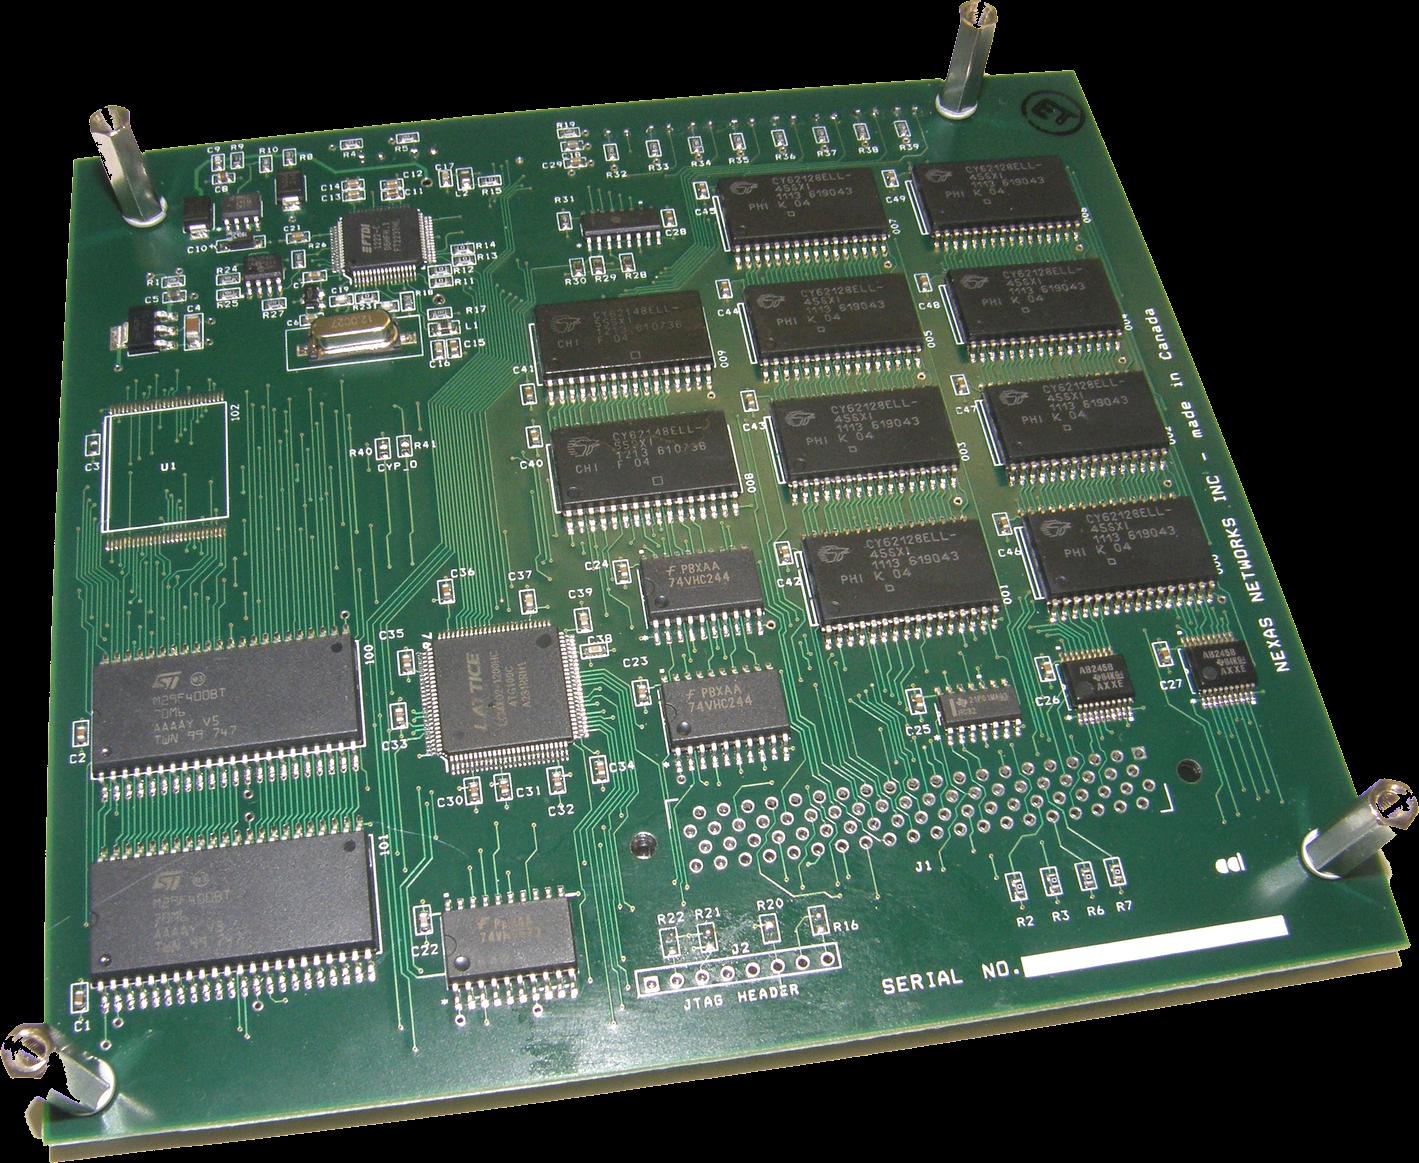 Yasnac J300 Memory Upgrade